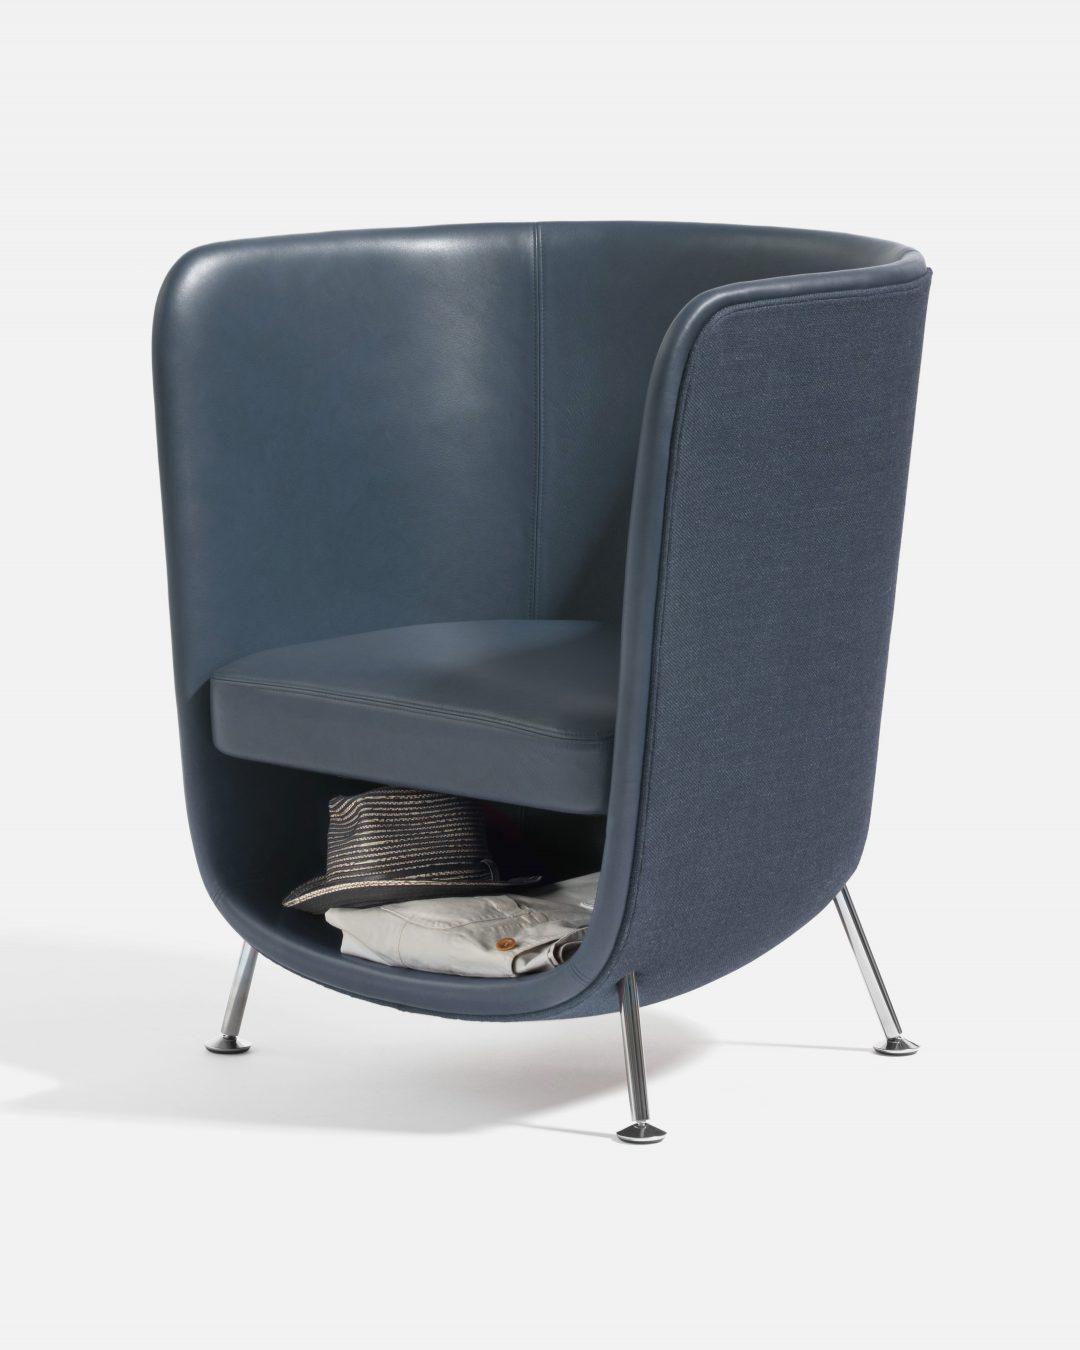 sillon pocket chair de color gris